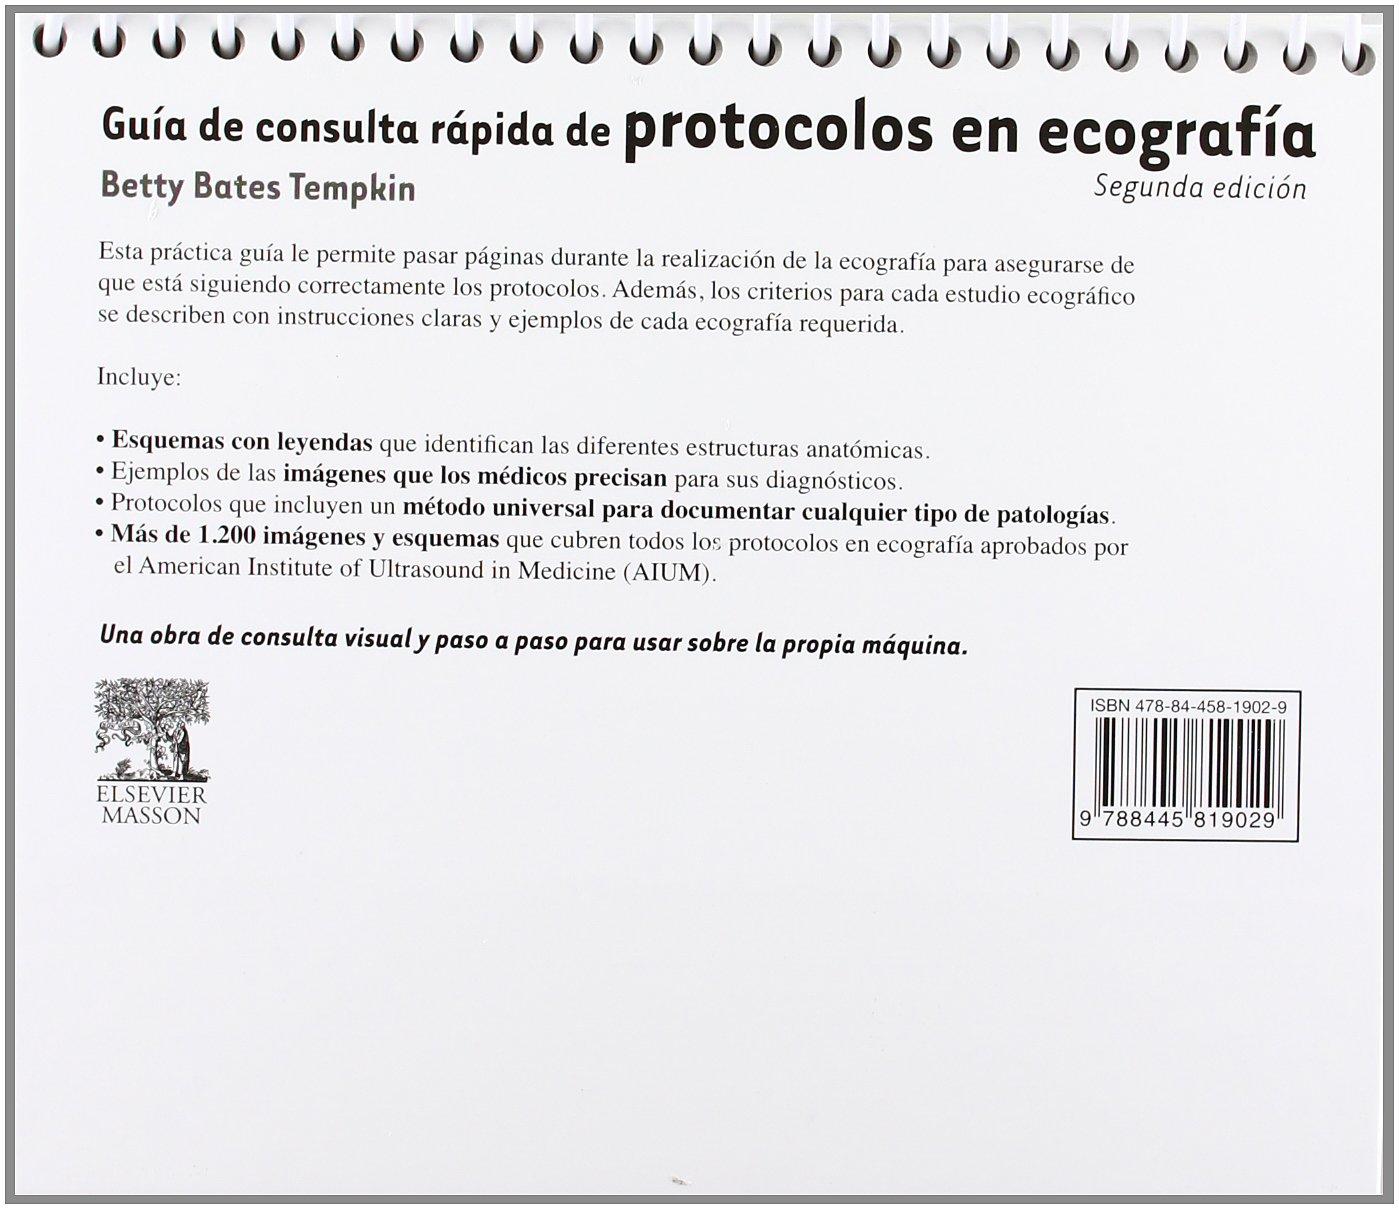 Guía de consulta rápida de protocolos en ecografía: Amazon.es: B ...